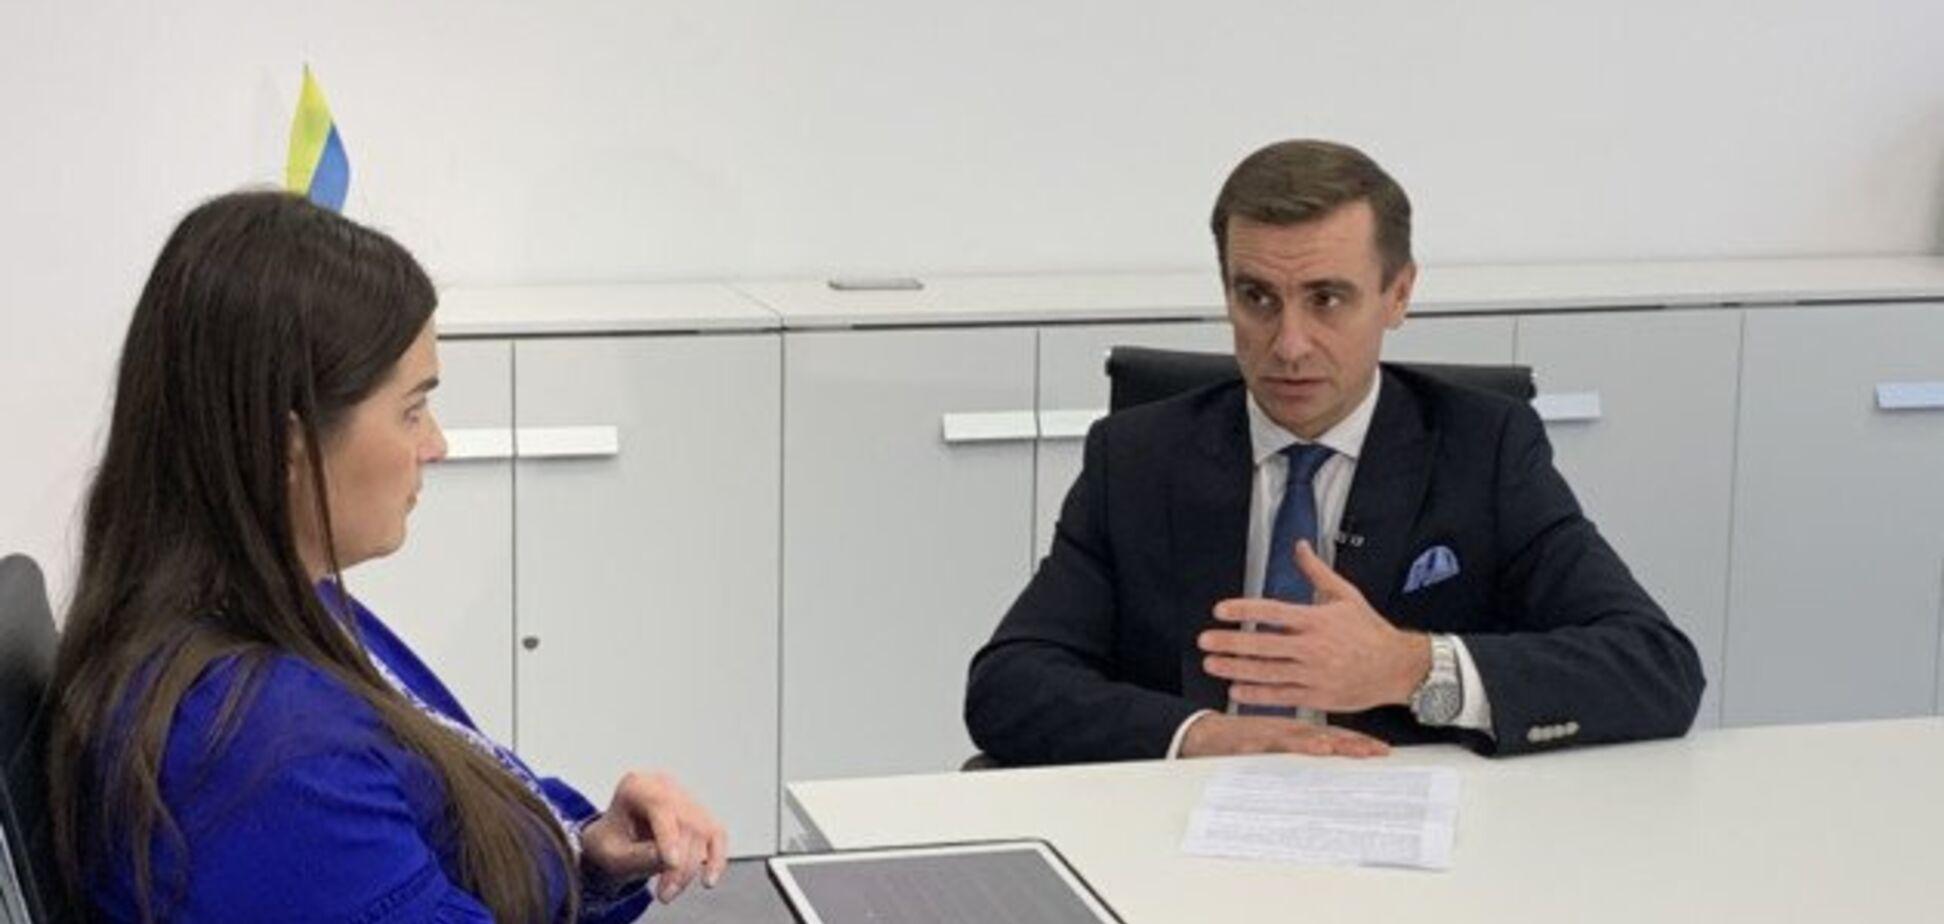 'Во время контактов Порошенко с США вопросы 'Бурисмы' и Байдена не затрагивались' – Елисеев